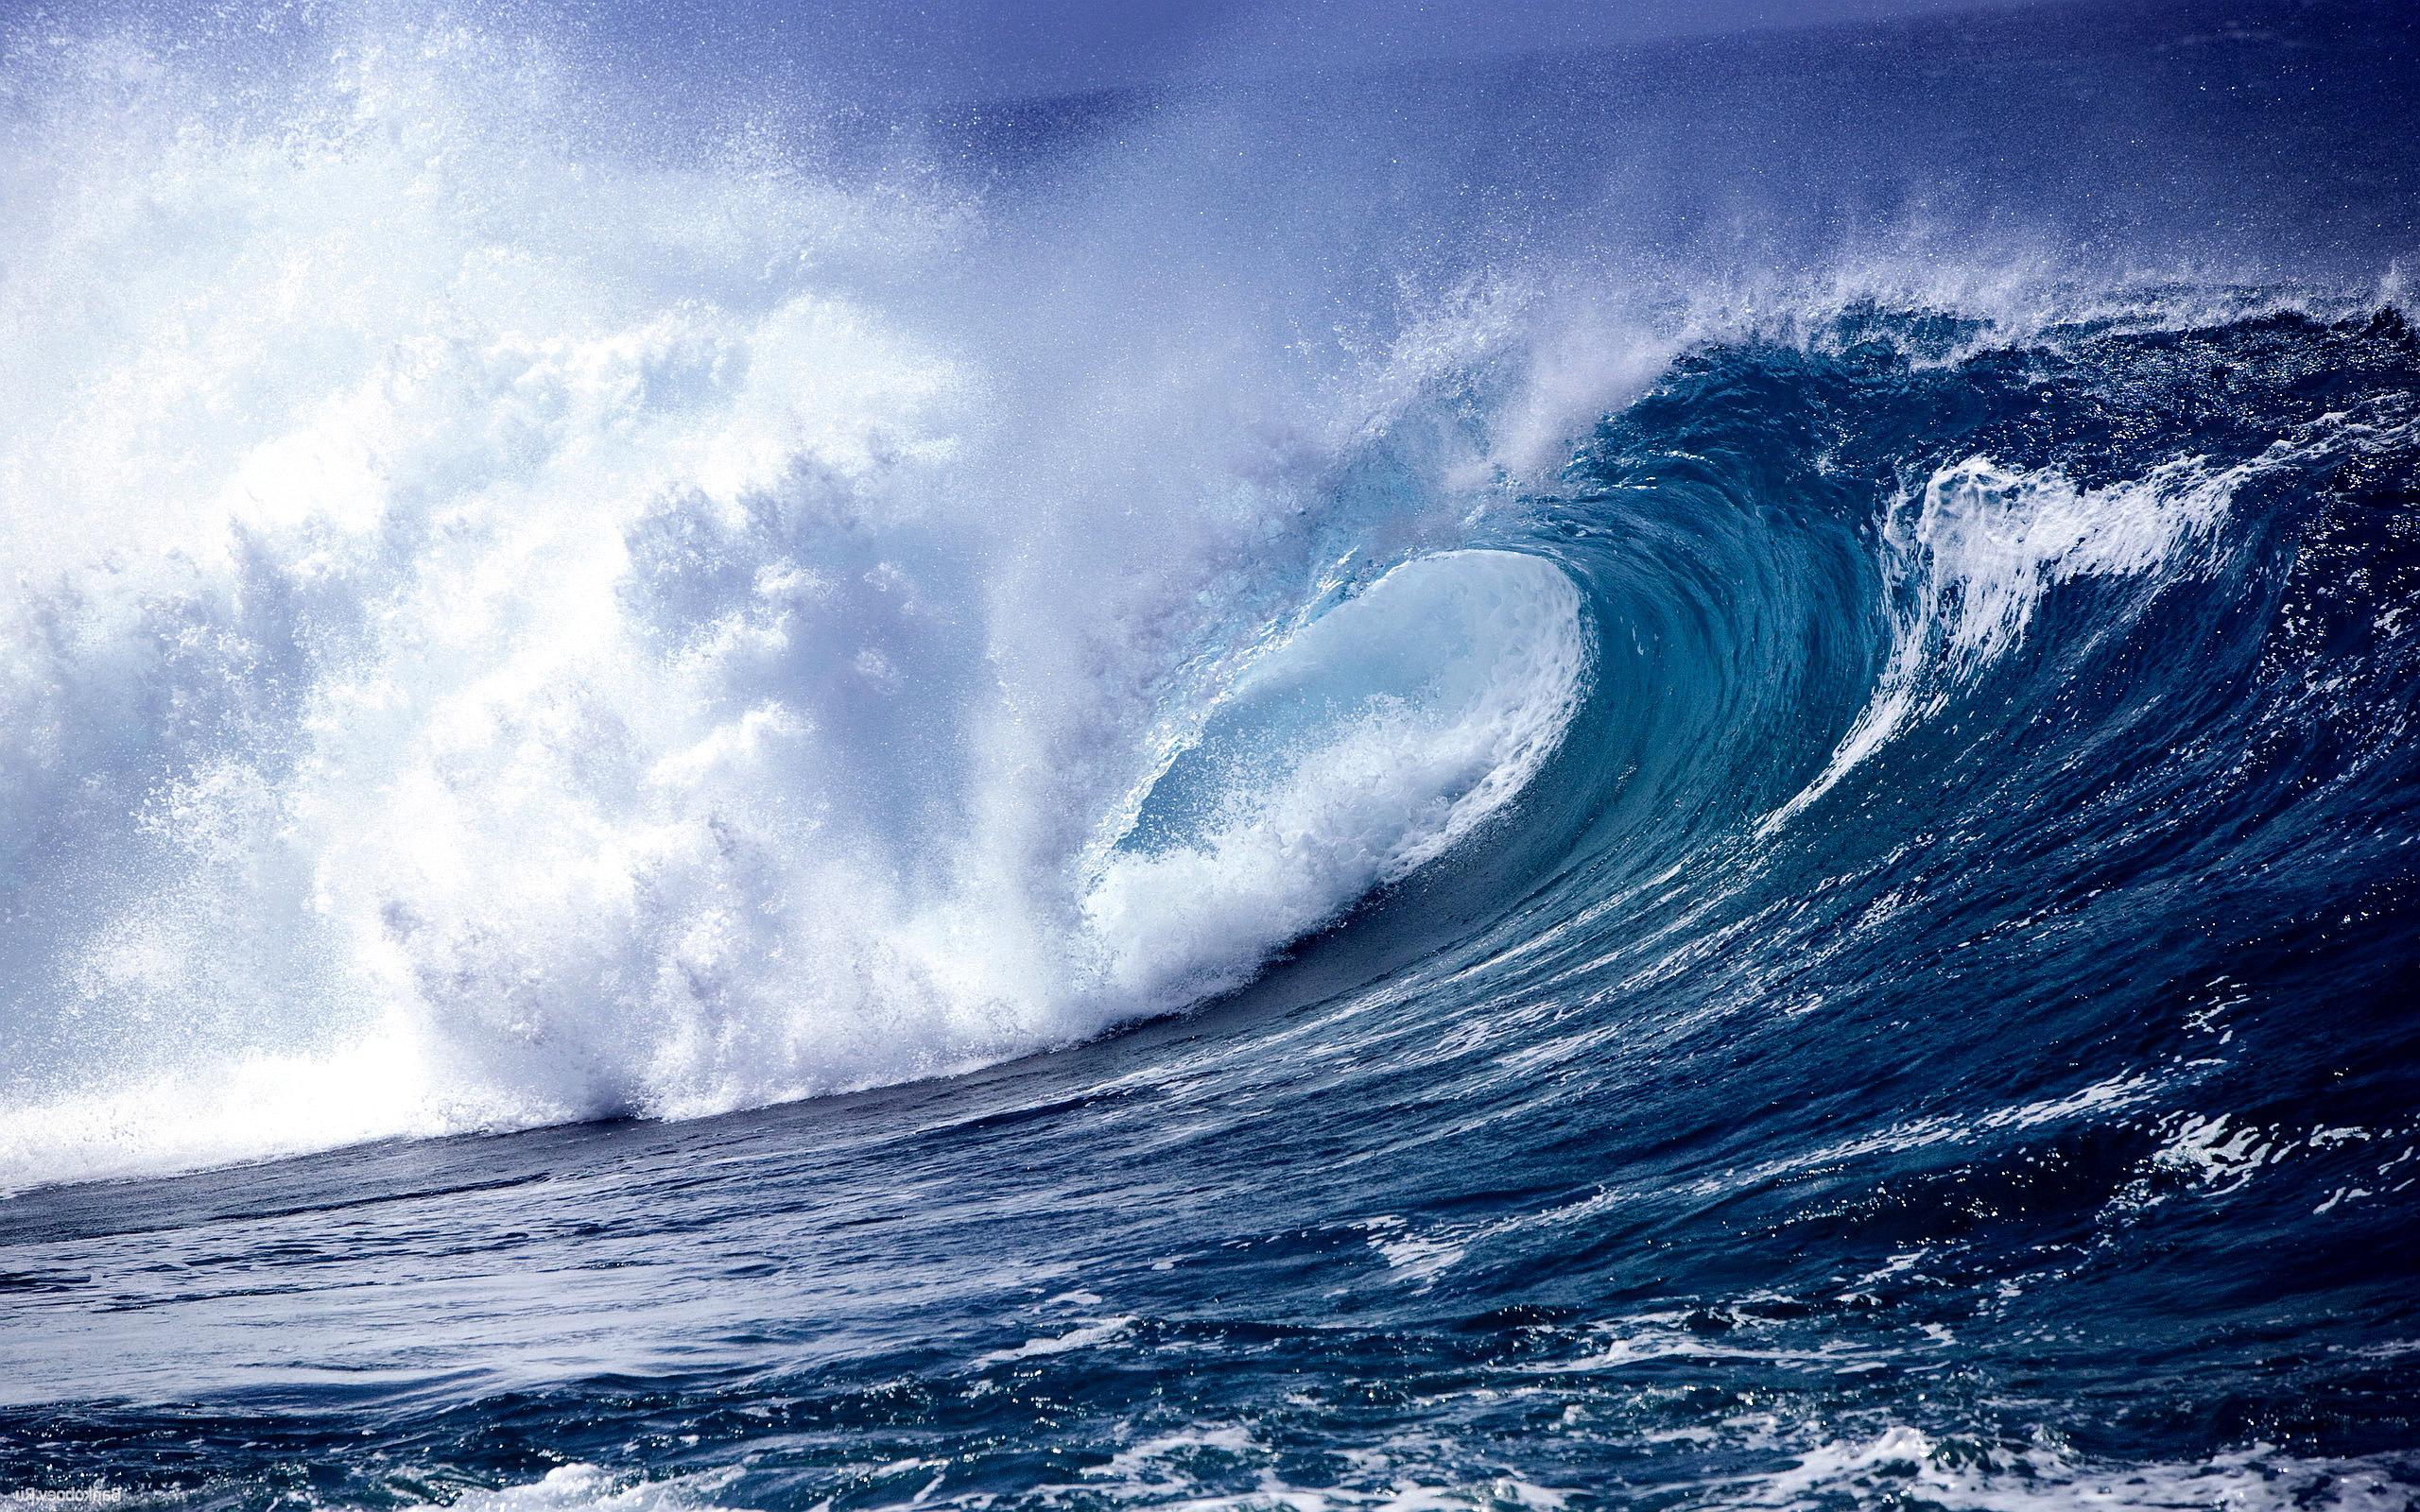 Ocean Wave Desktop Backgrounds Ocean wave des 2560x1600